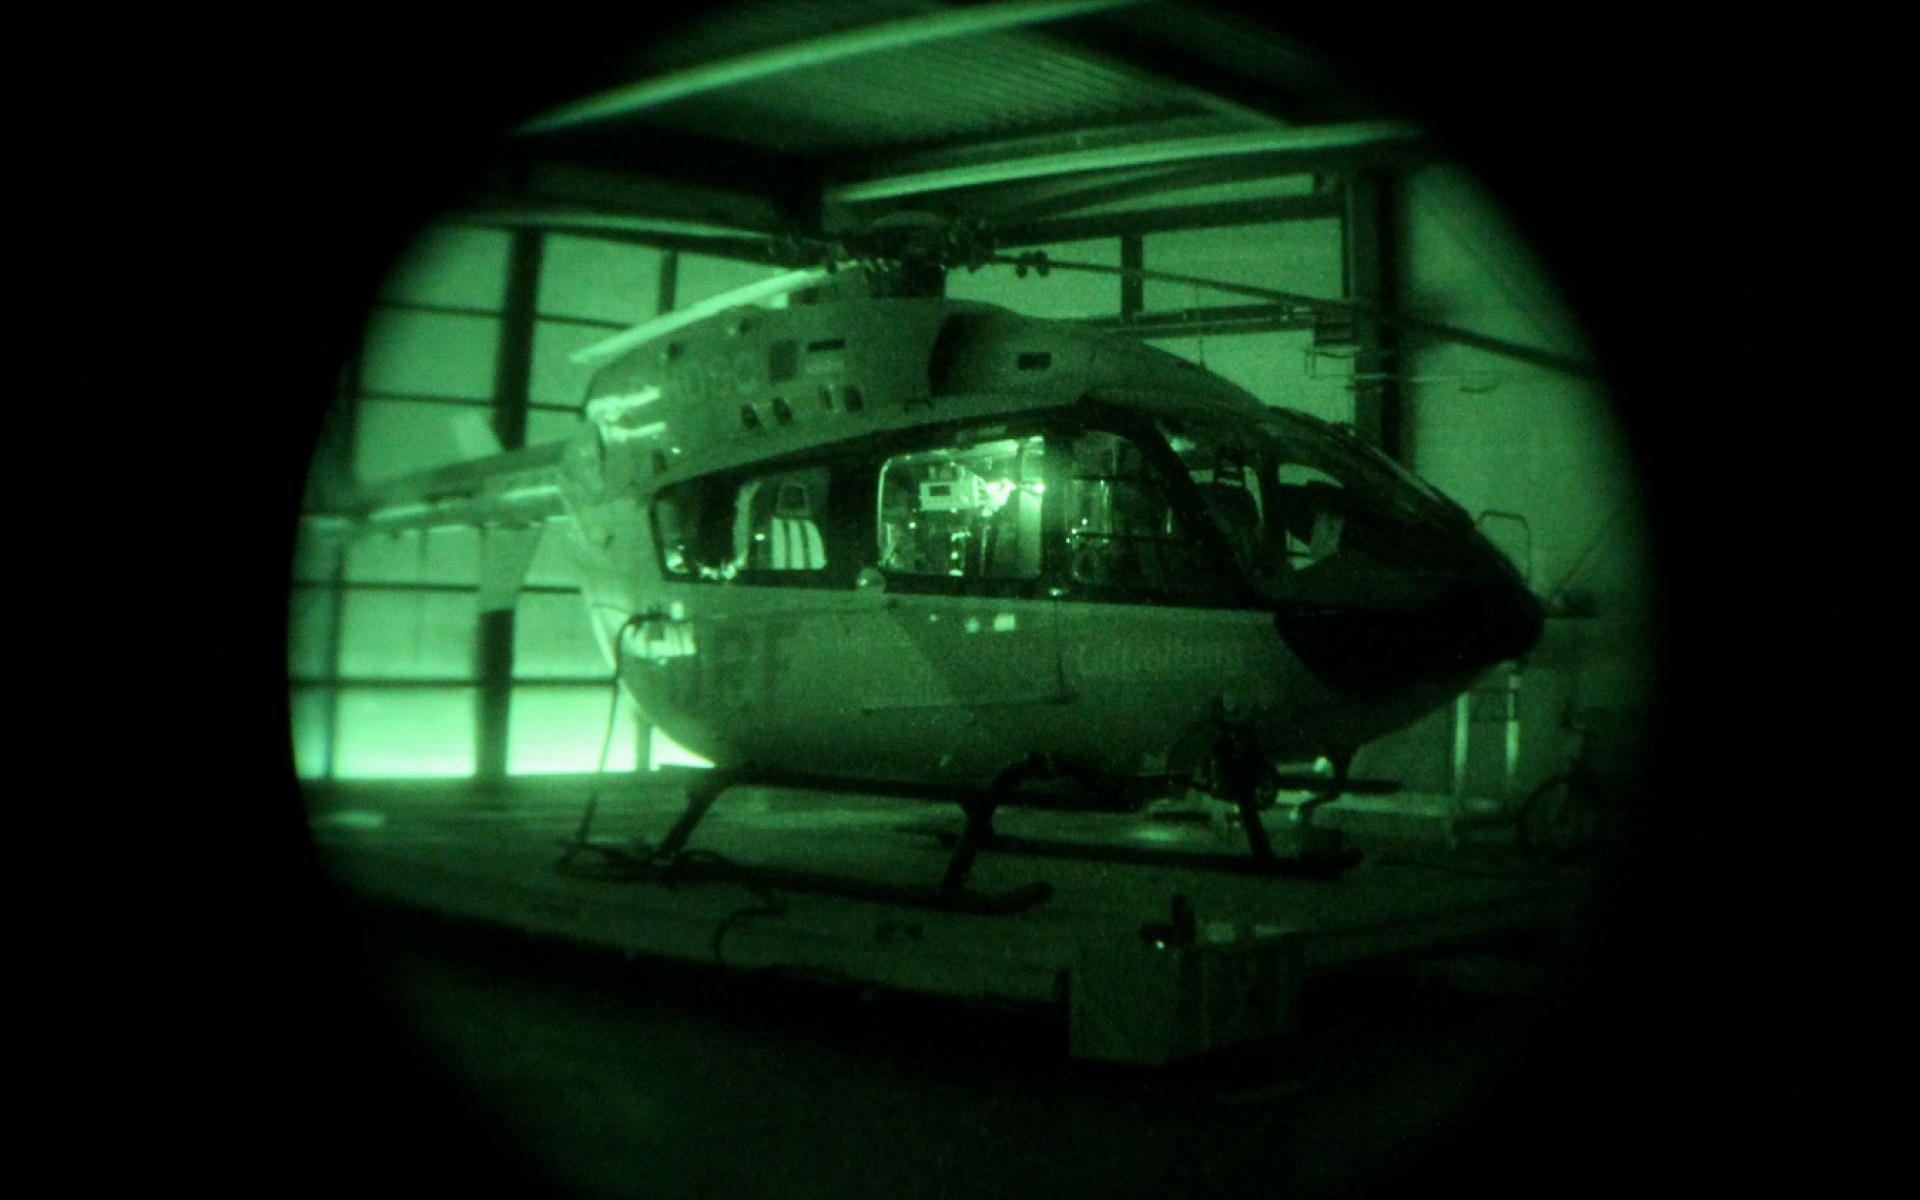 Die NVGs verstärken sdas in der Nacht vorhandenen Restlicht